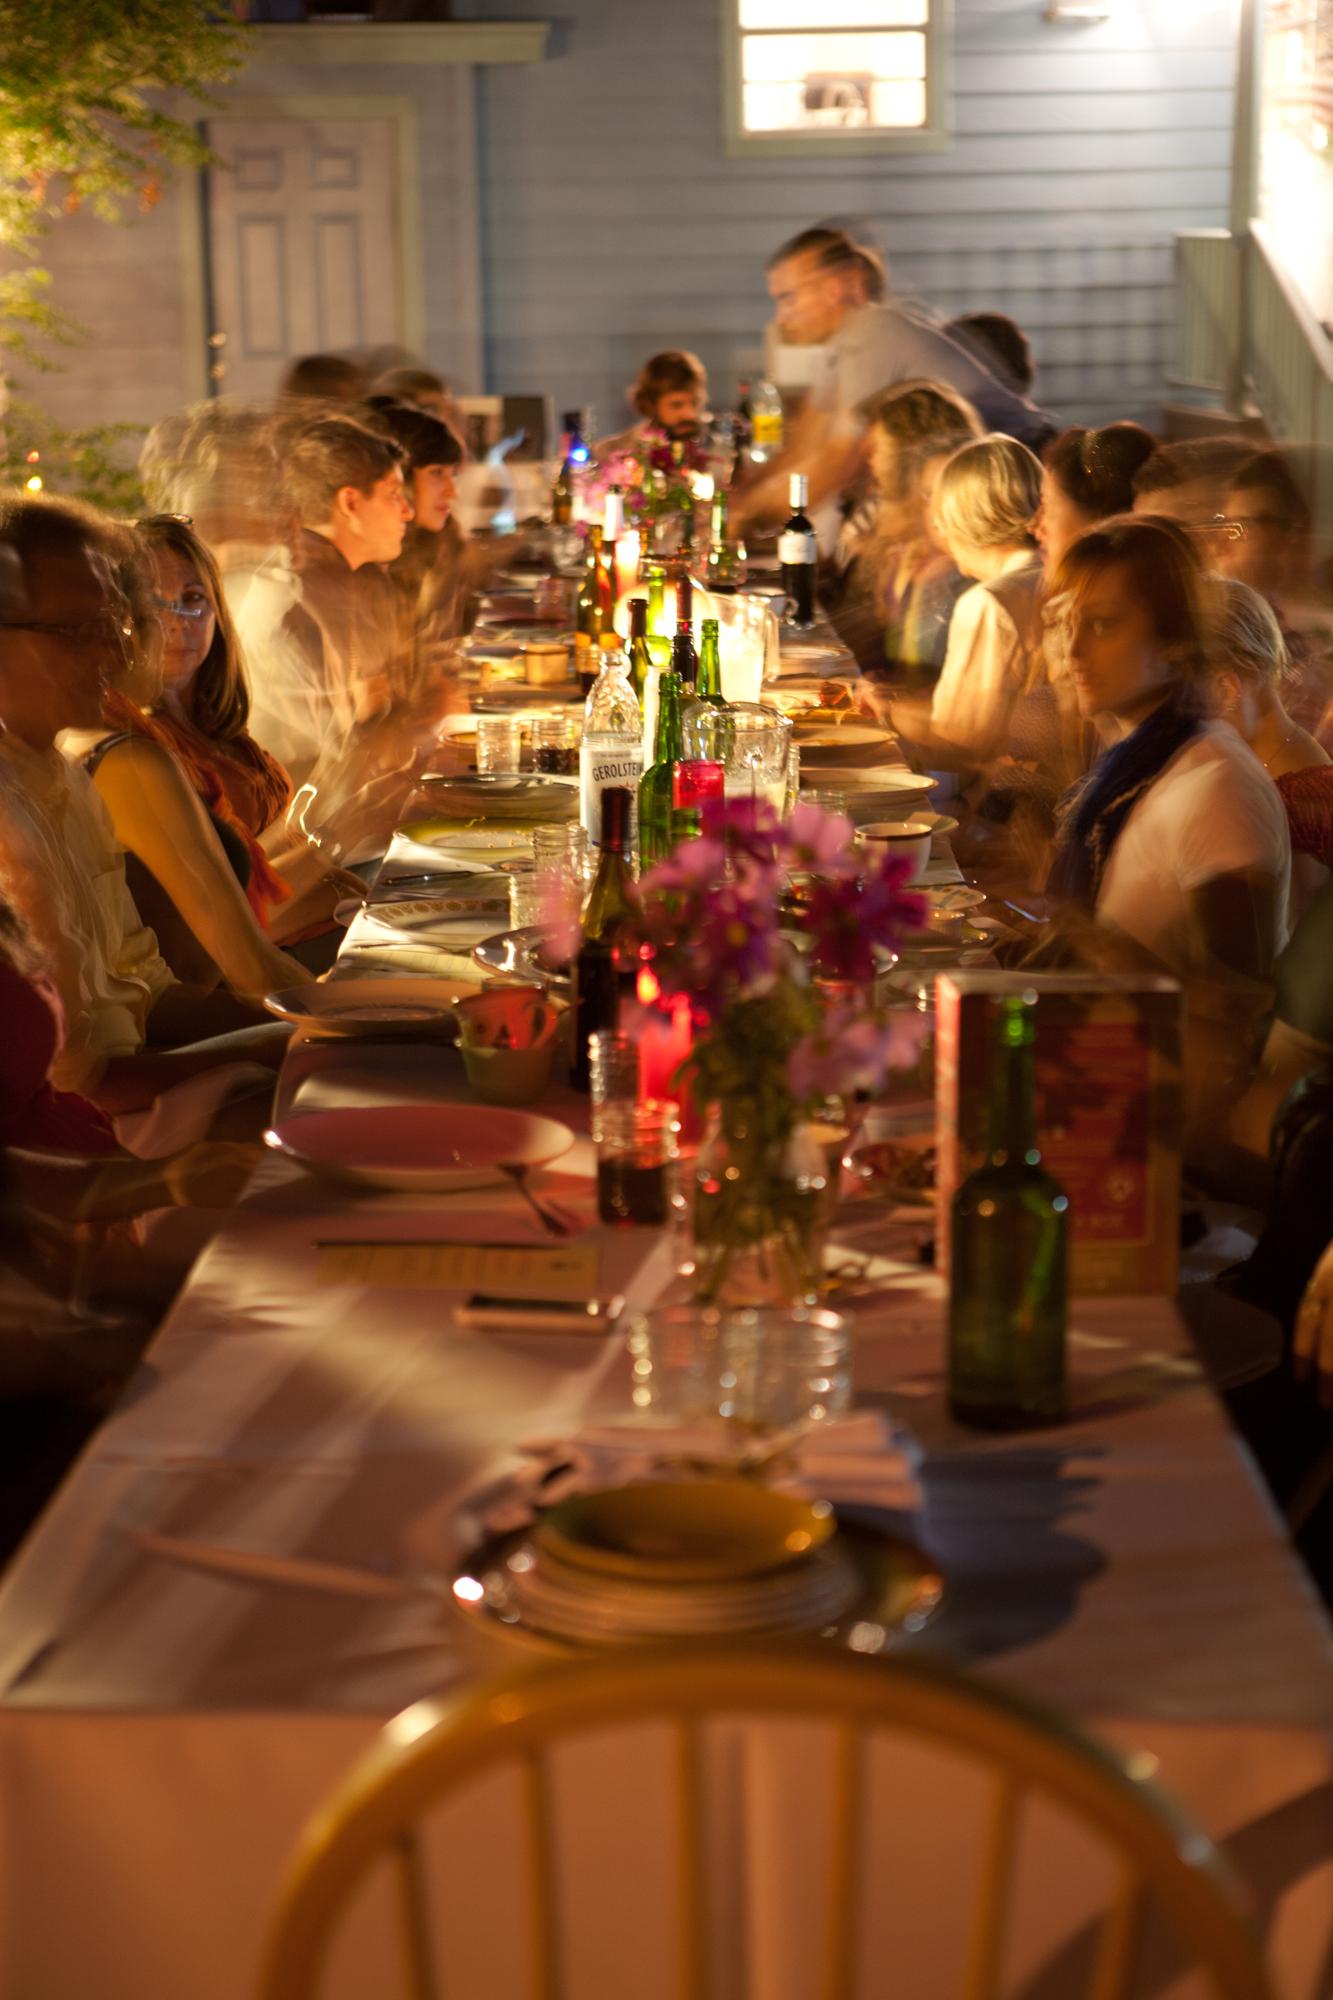 communal-dinig-austin-teas.jpg